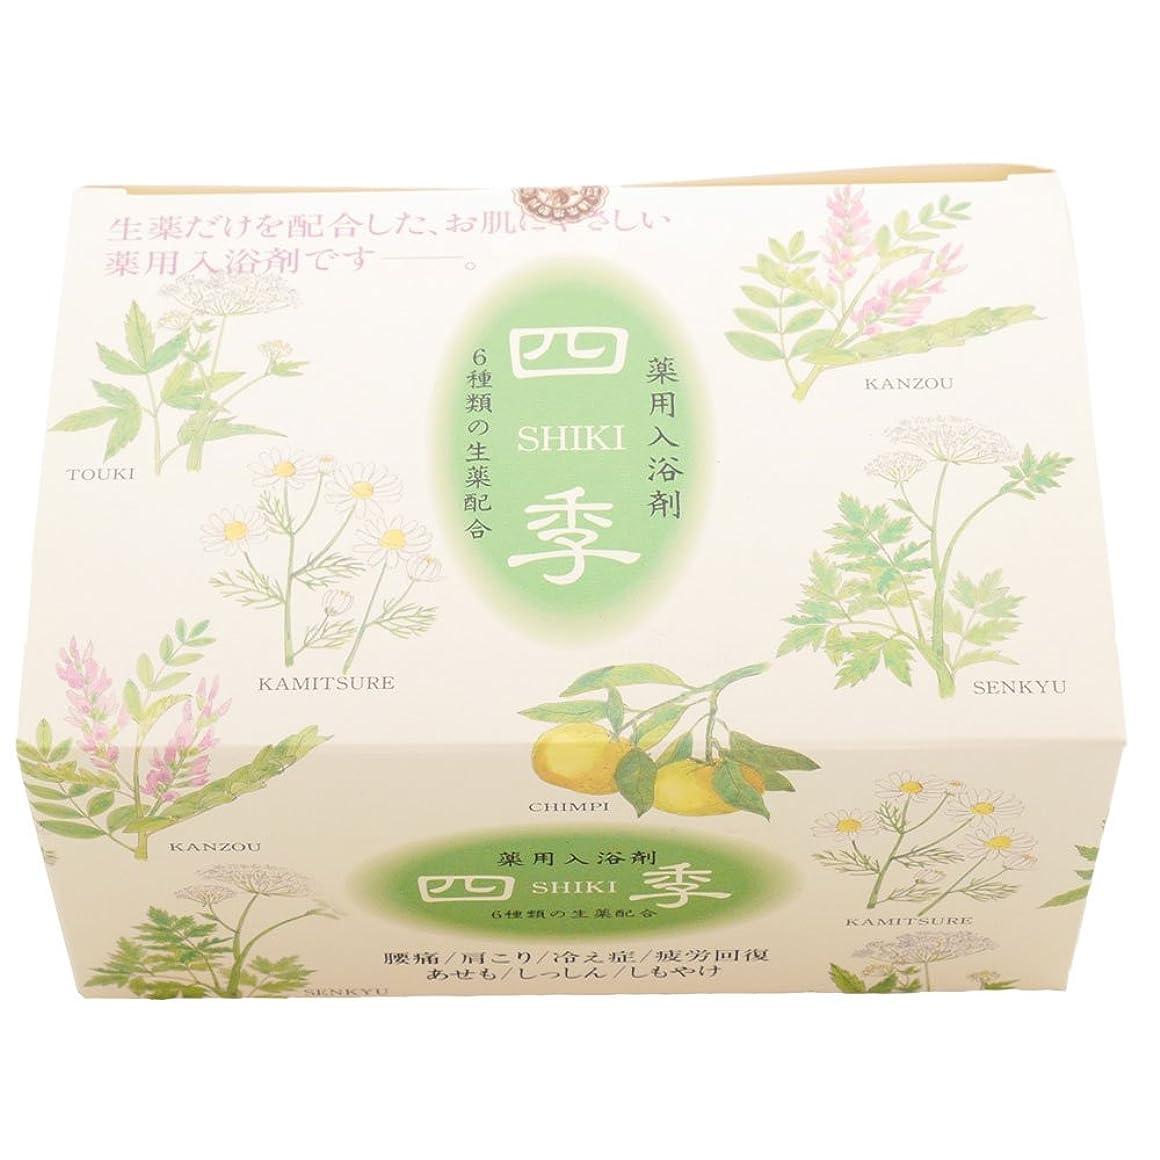 窓を洗う腸侵略薬用入浴剤 四季25g×10包